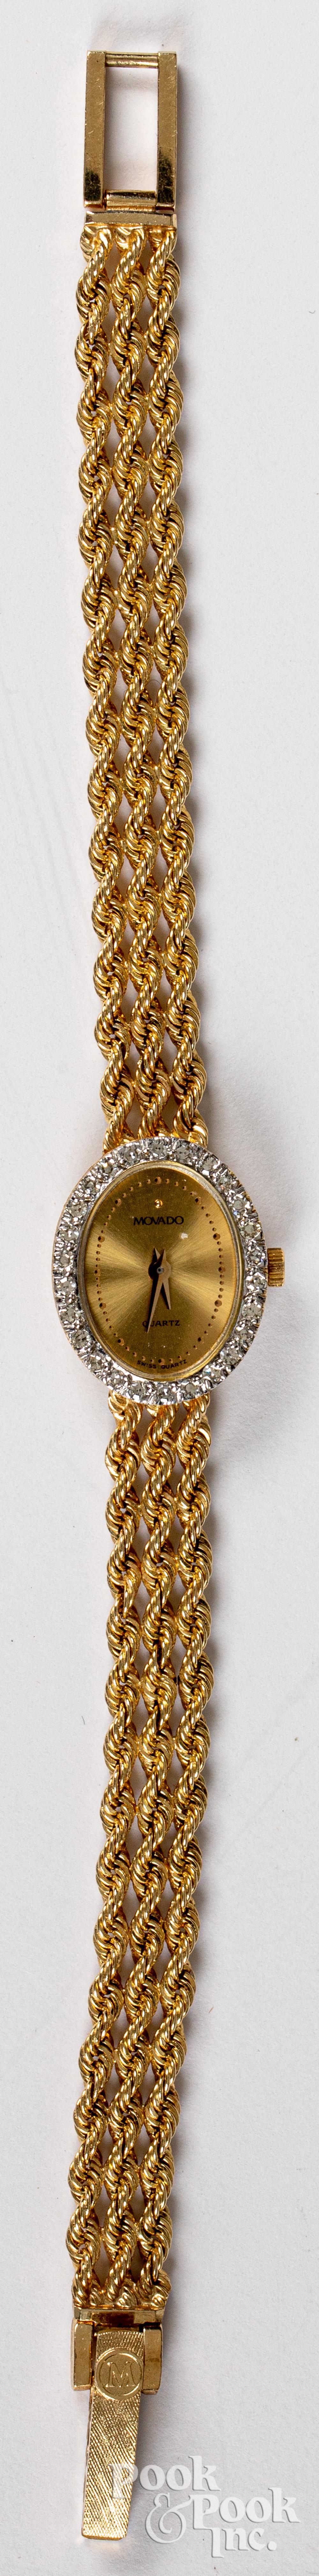 Movado 14K gold ladies wristwatch